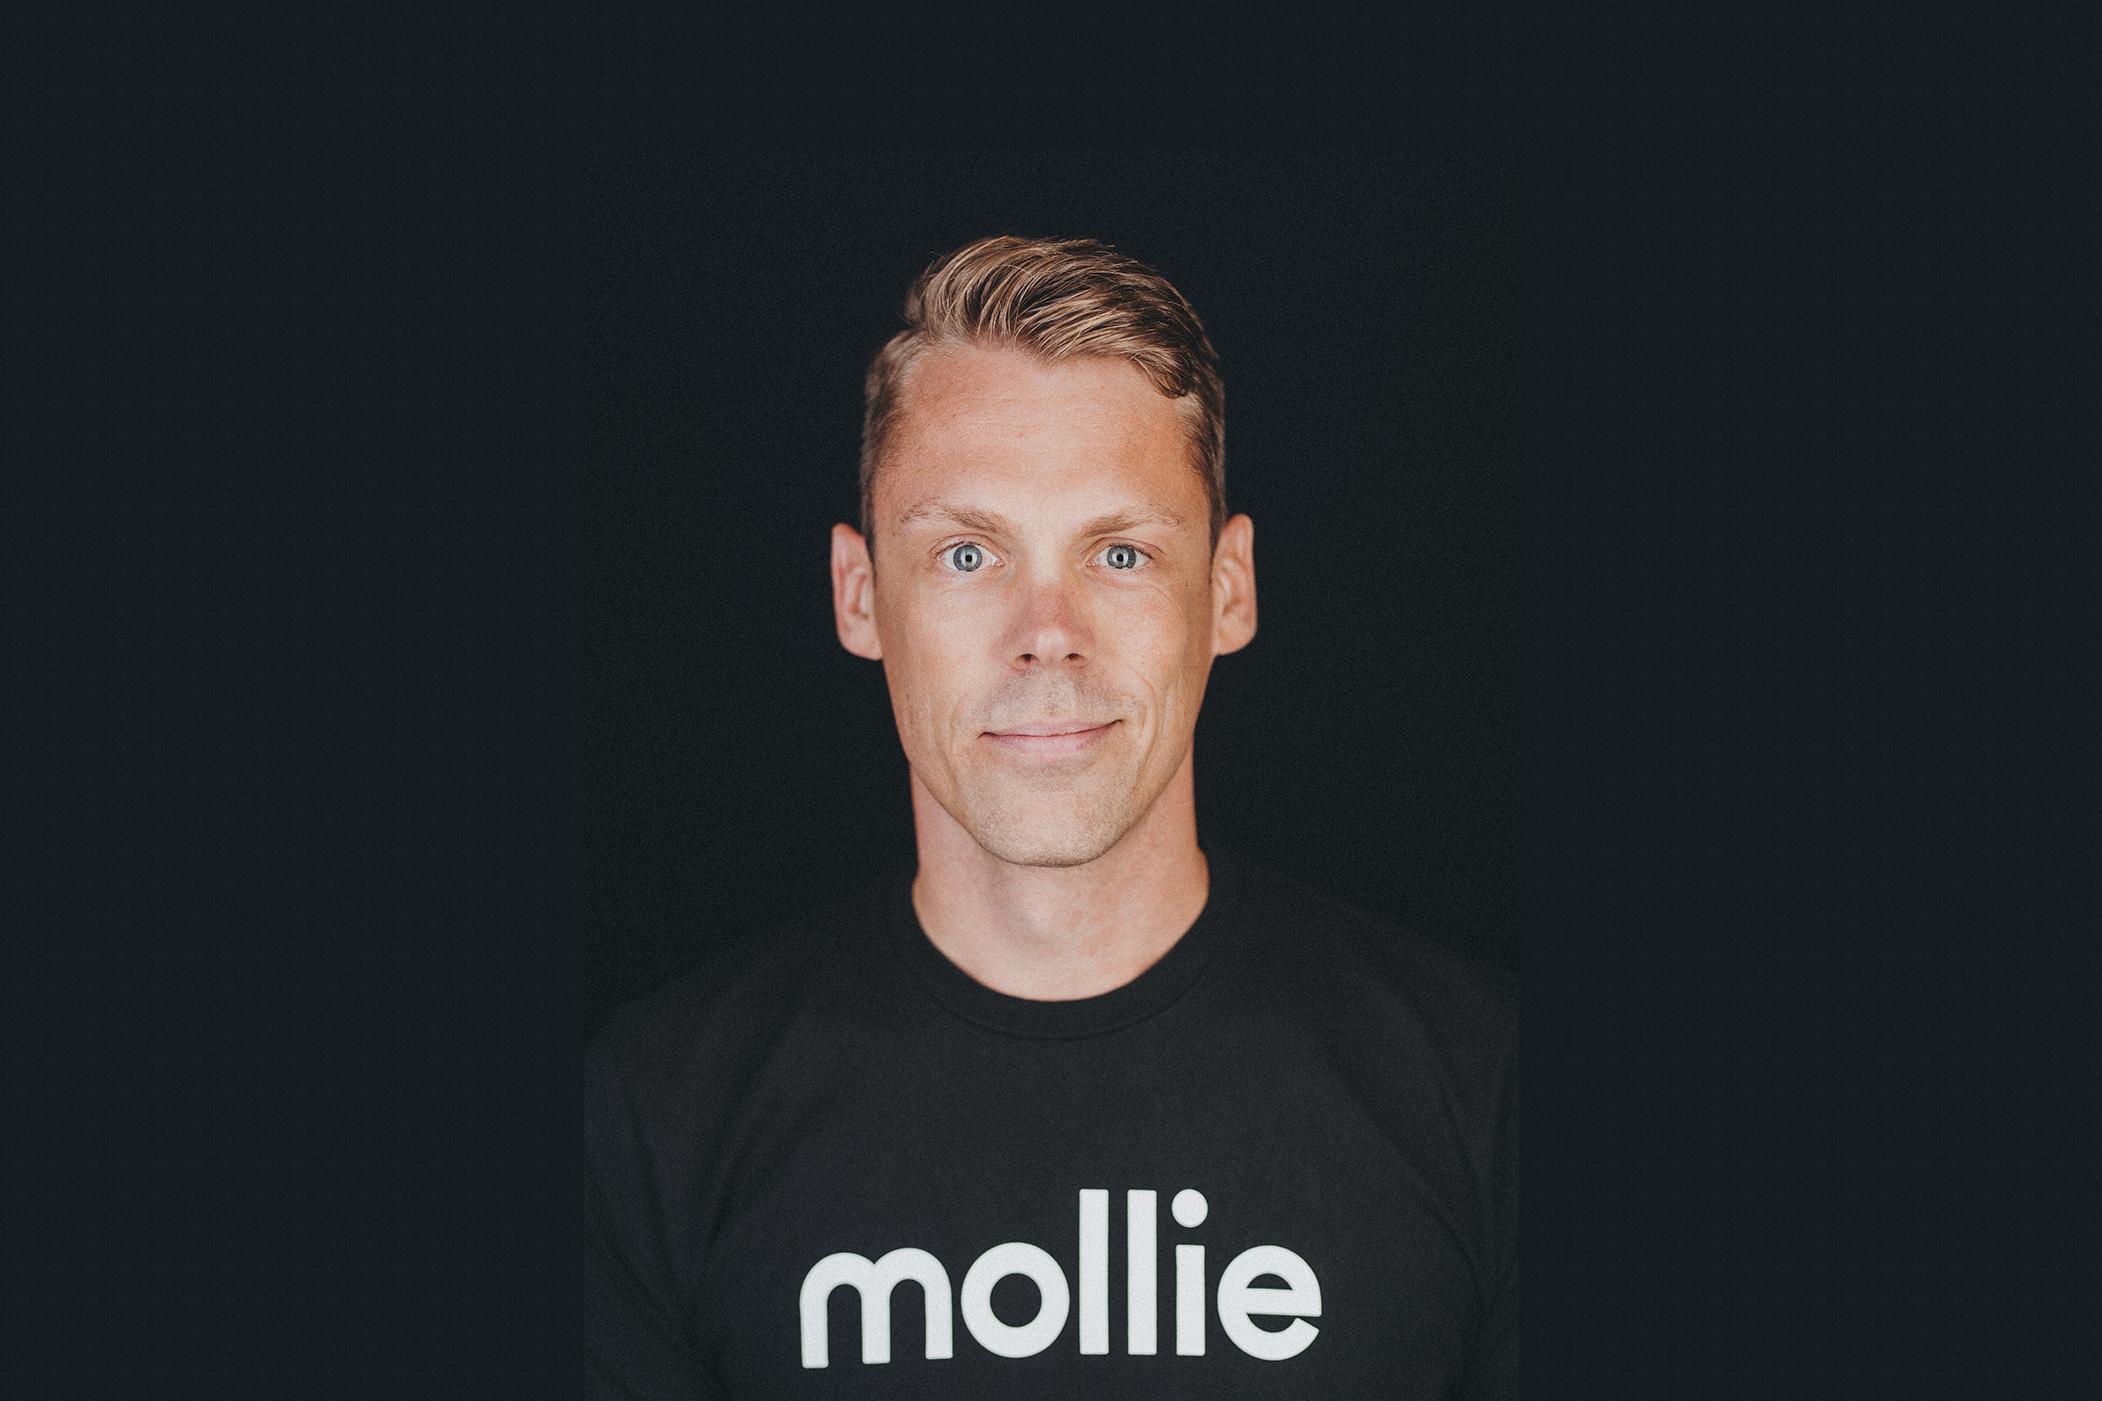 Merijn van Zuidam, Technical Partner Manager at Alogo.io